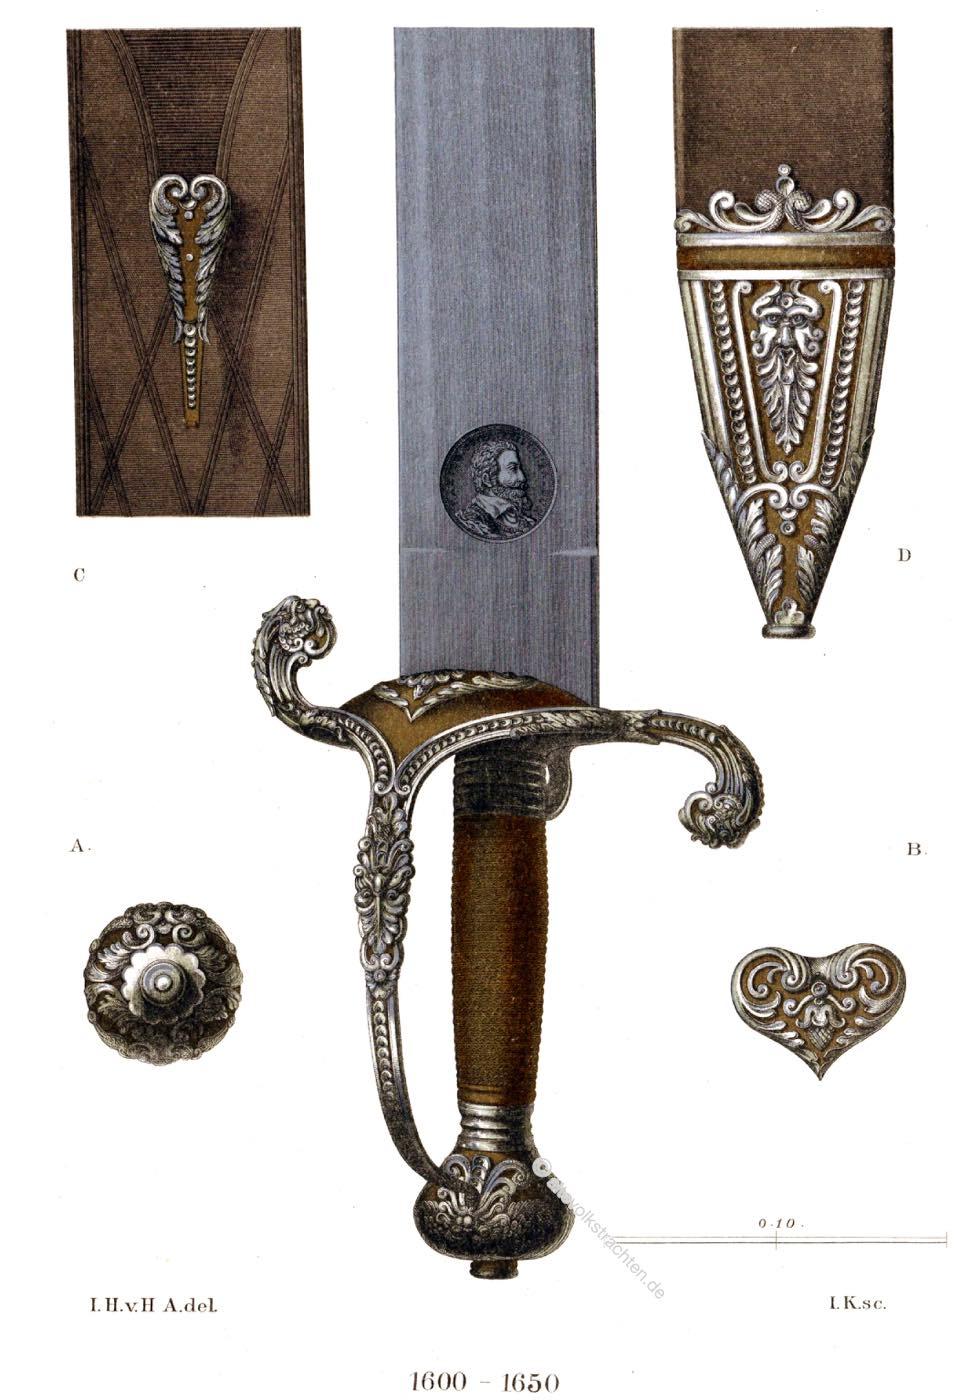 Kriegsschwert, Schwert, Waffe, Maximilian, Bayern, barock, Kurfürst